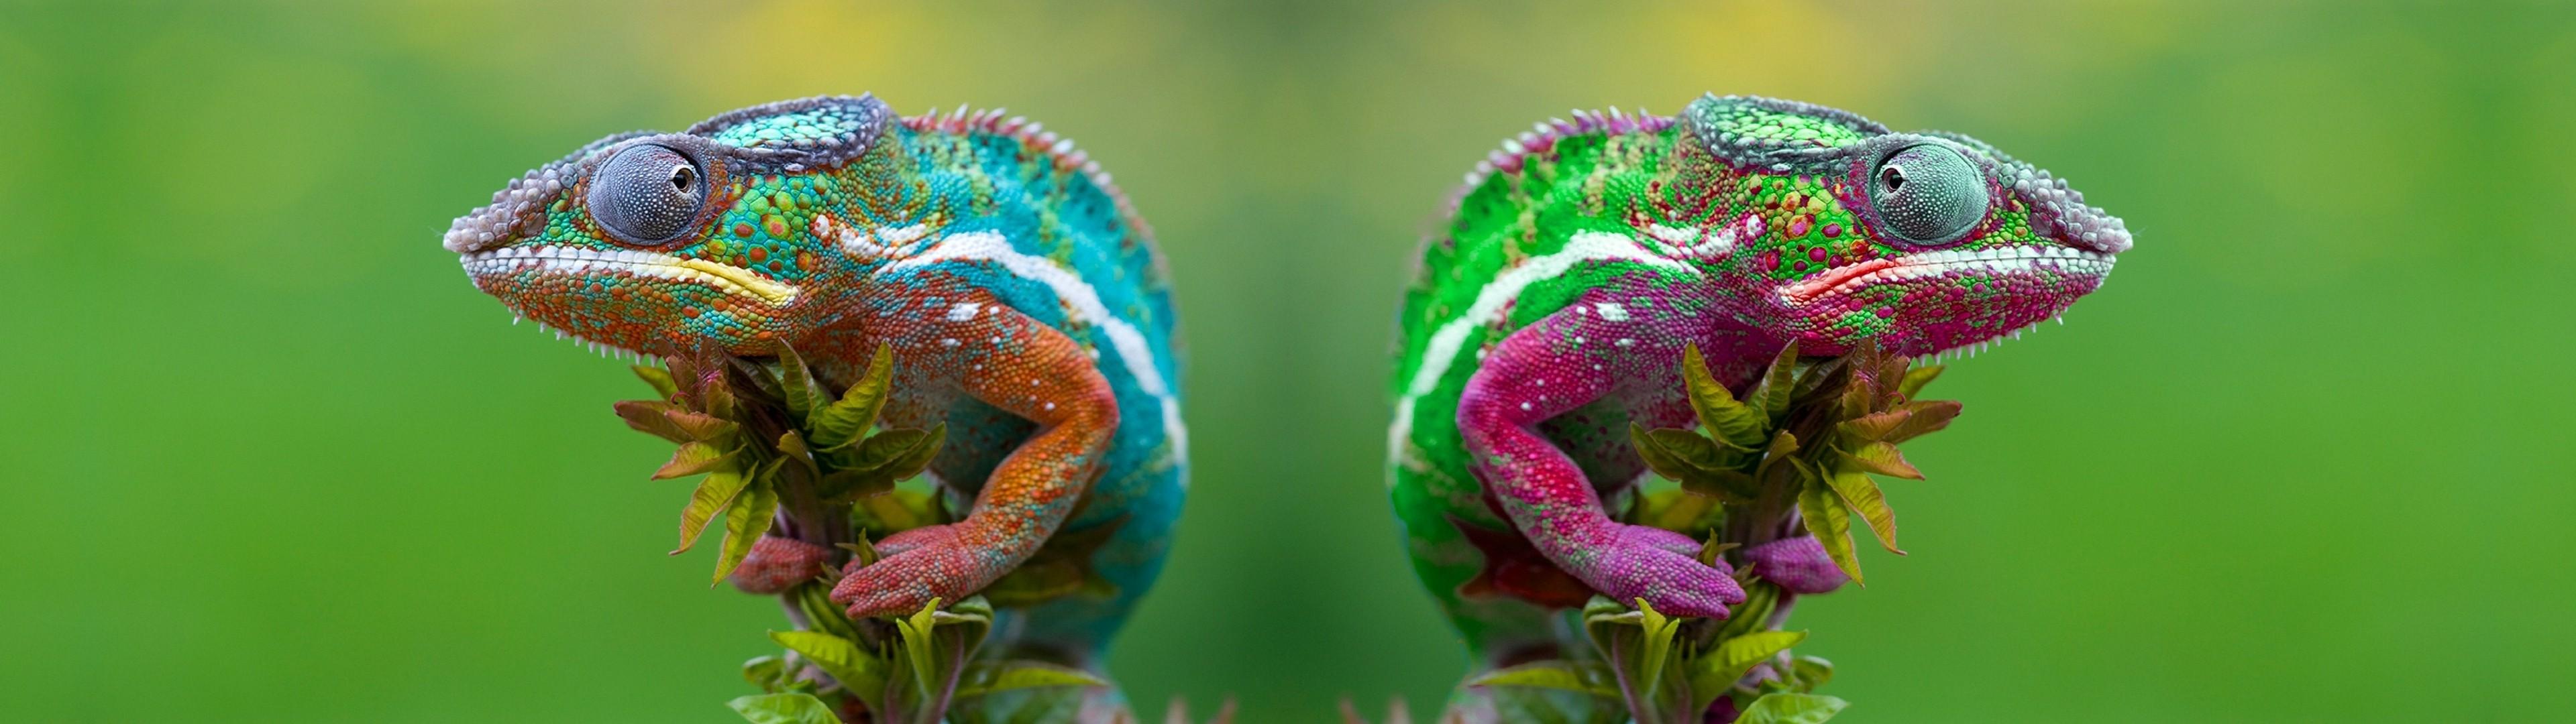 デスクトップ壁紙 写真 緑 カメレオン 葉 花 工場 フローラ